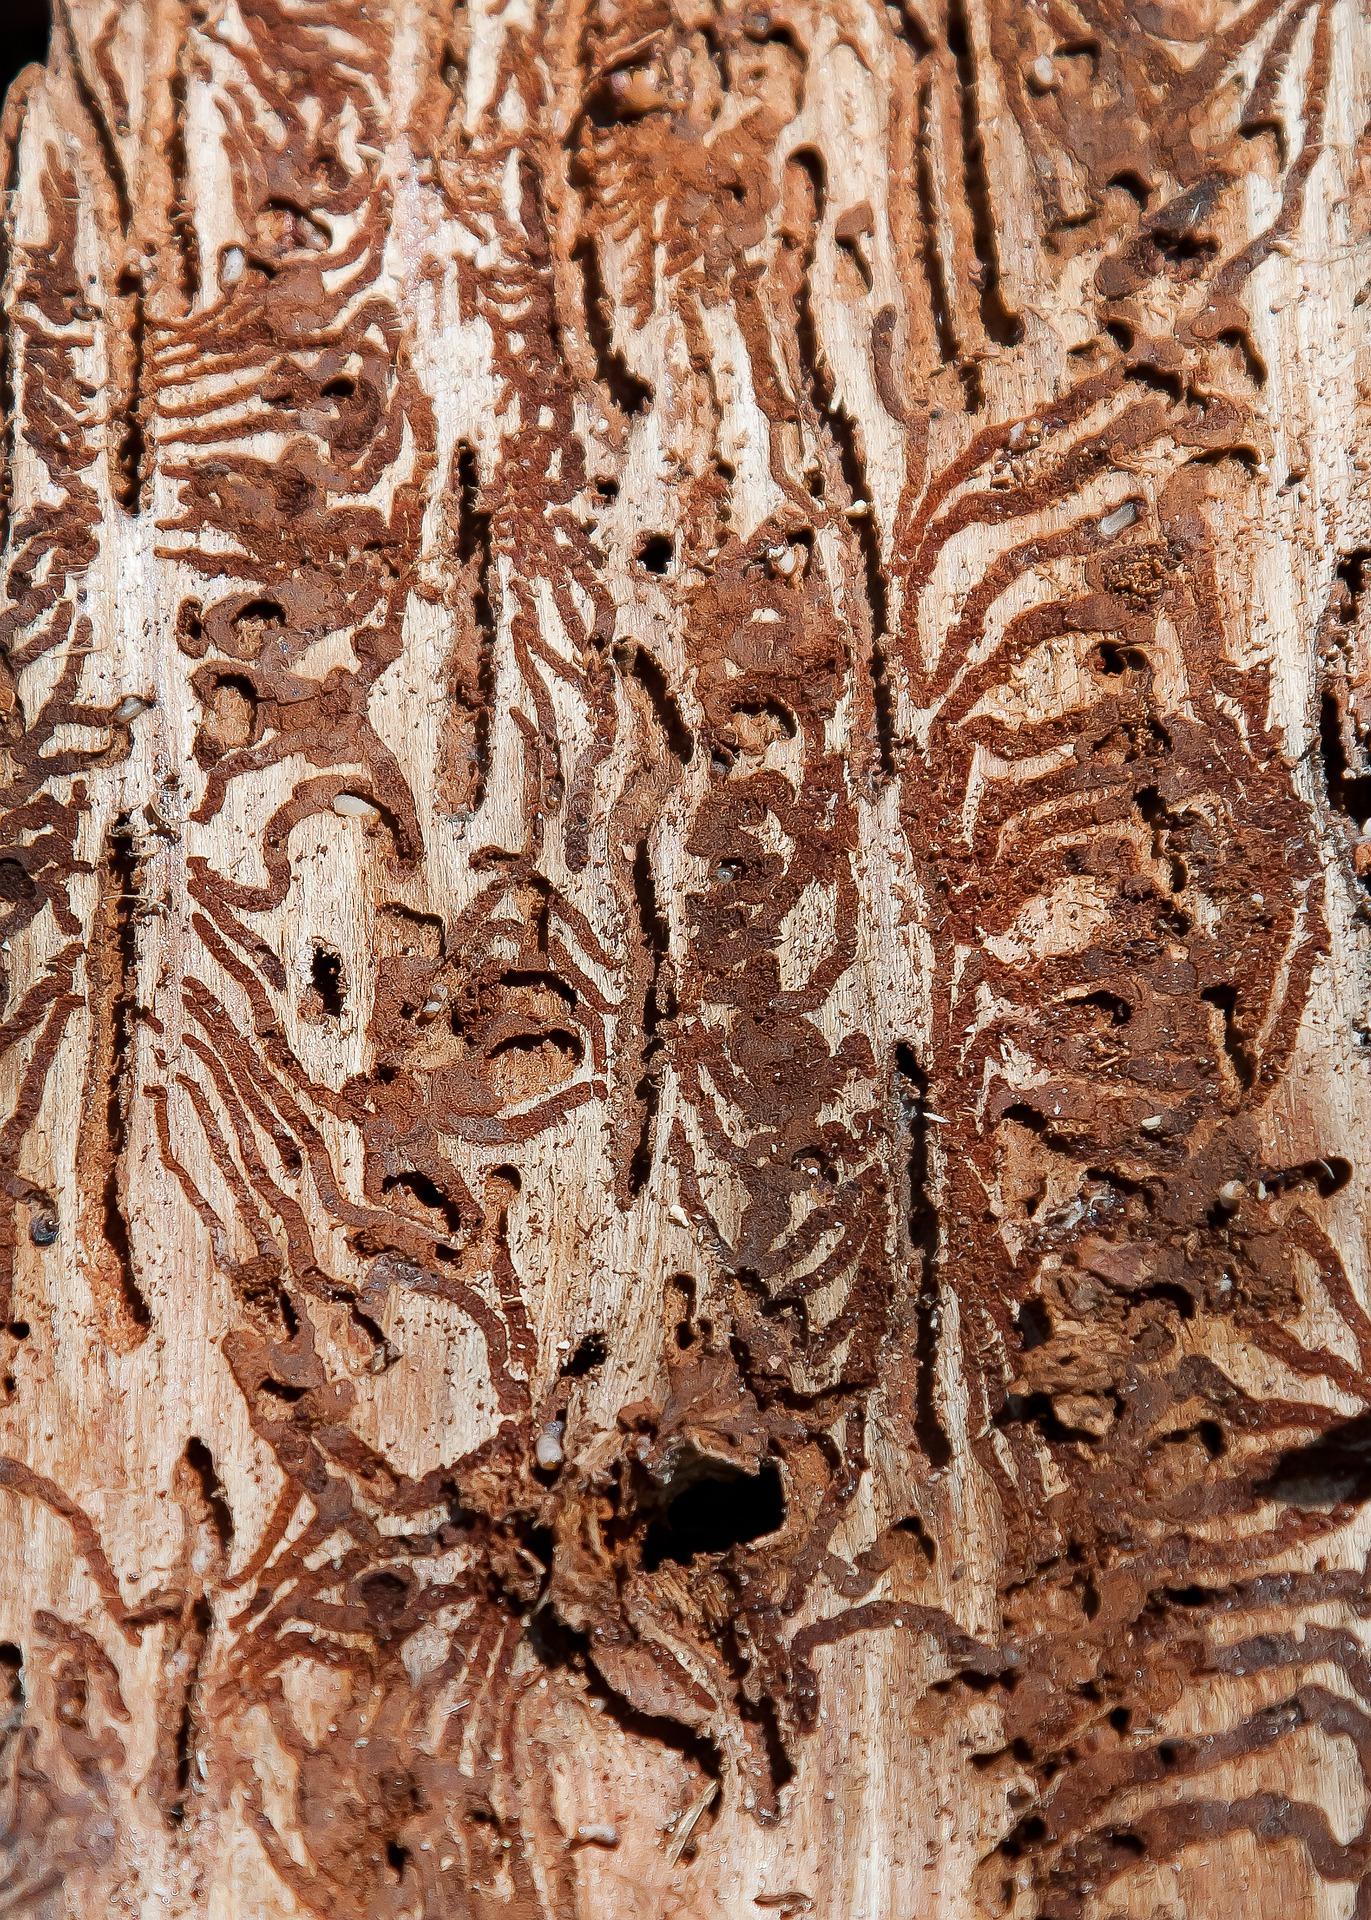 scolytes et conséquences des changements climatiques sur la forêt